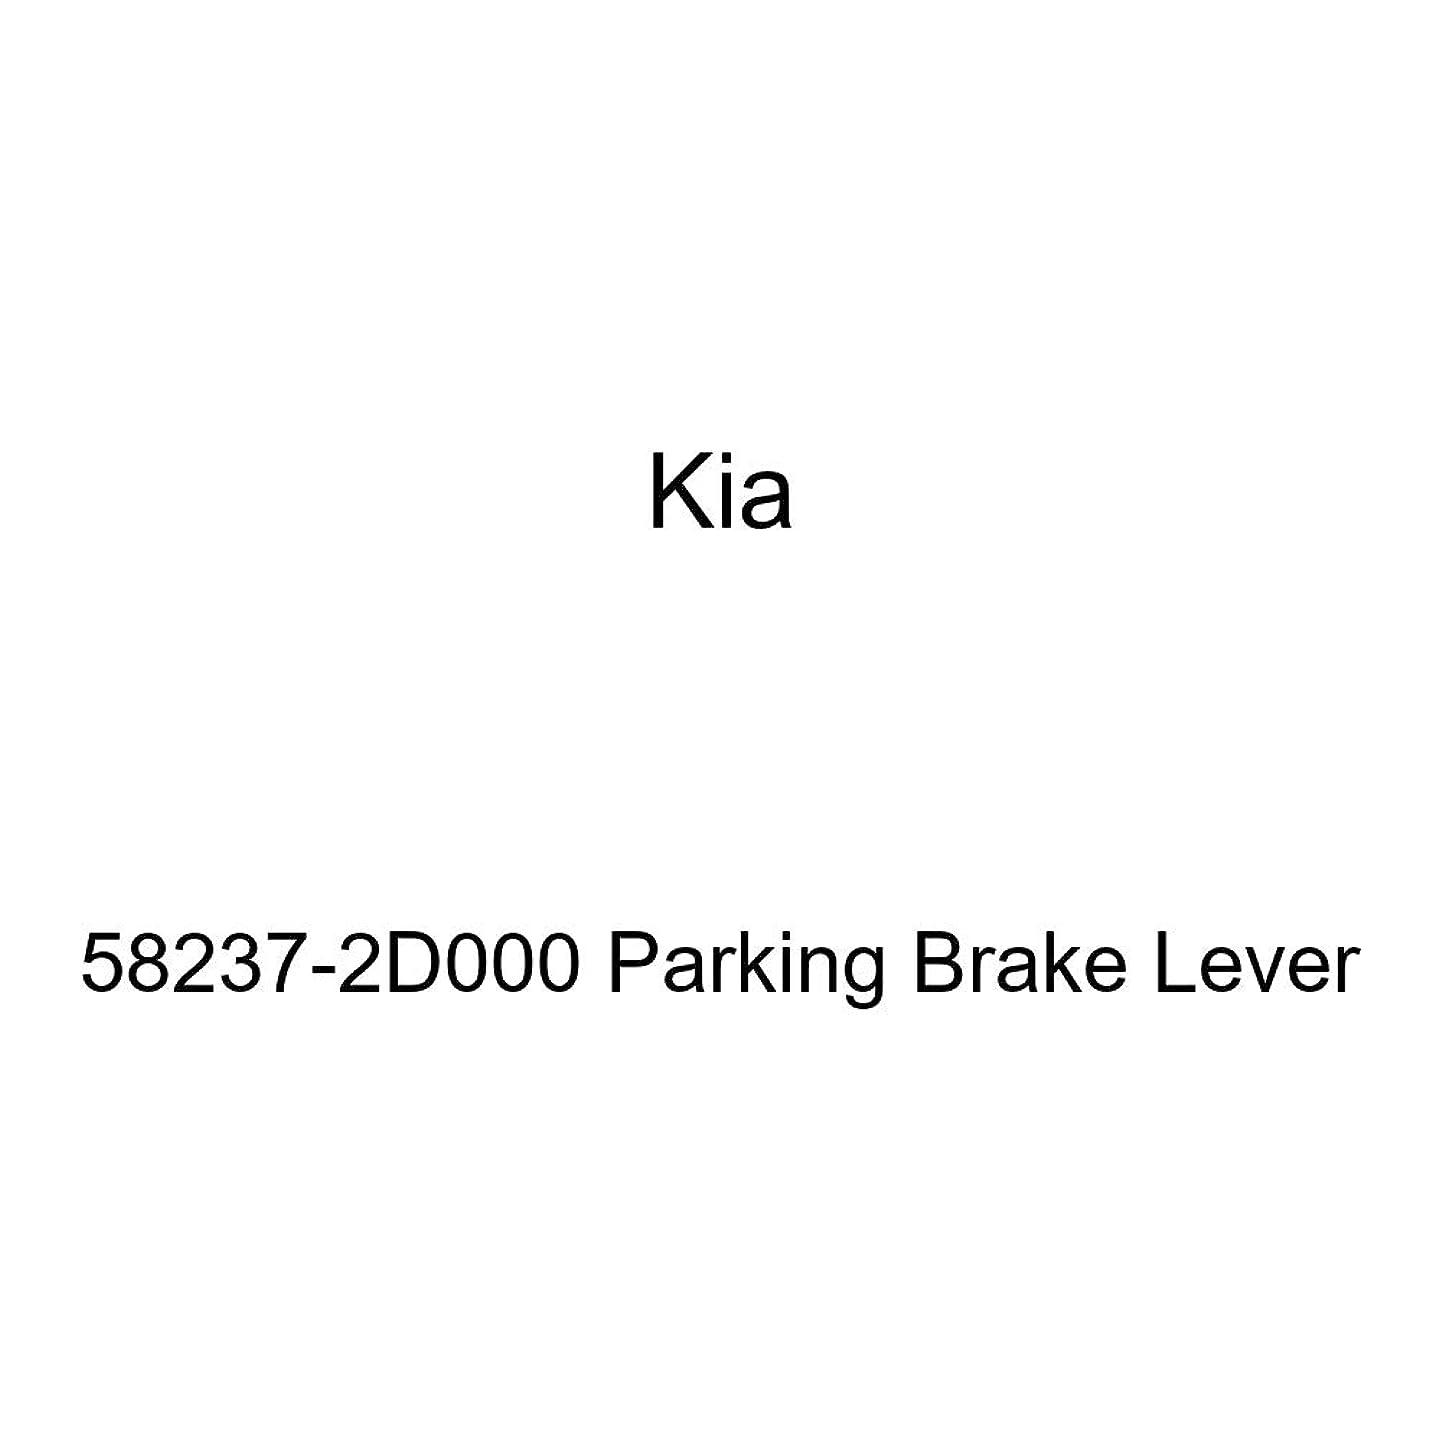 Kia 58237-2D000 Parking Brake Lever lbixvhggxxk2